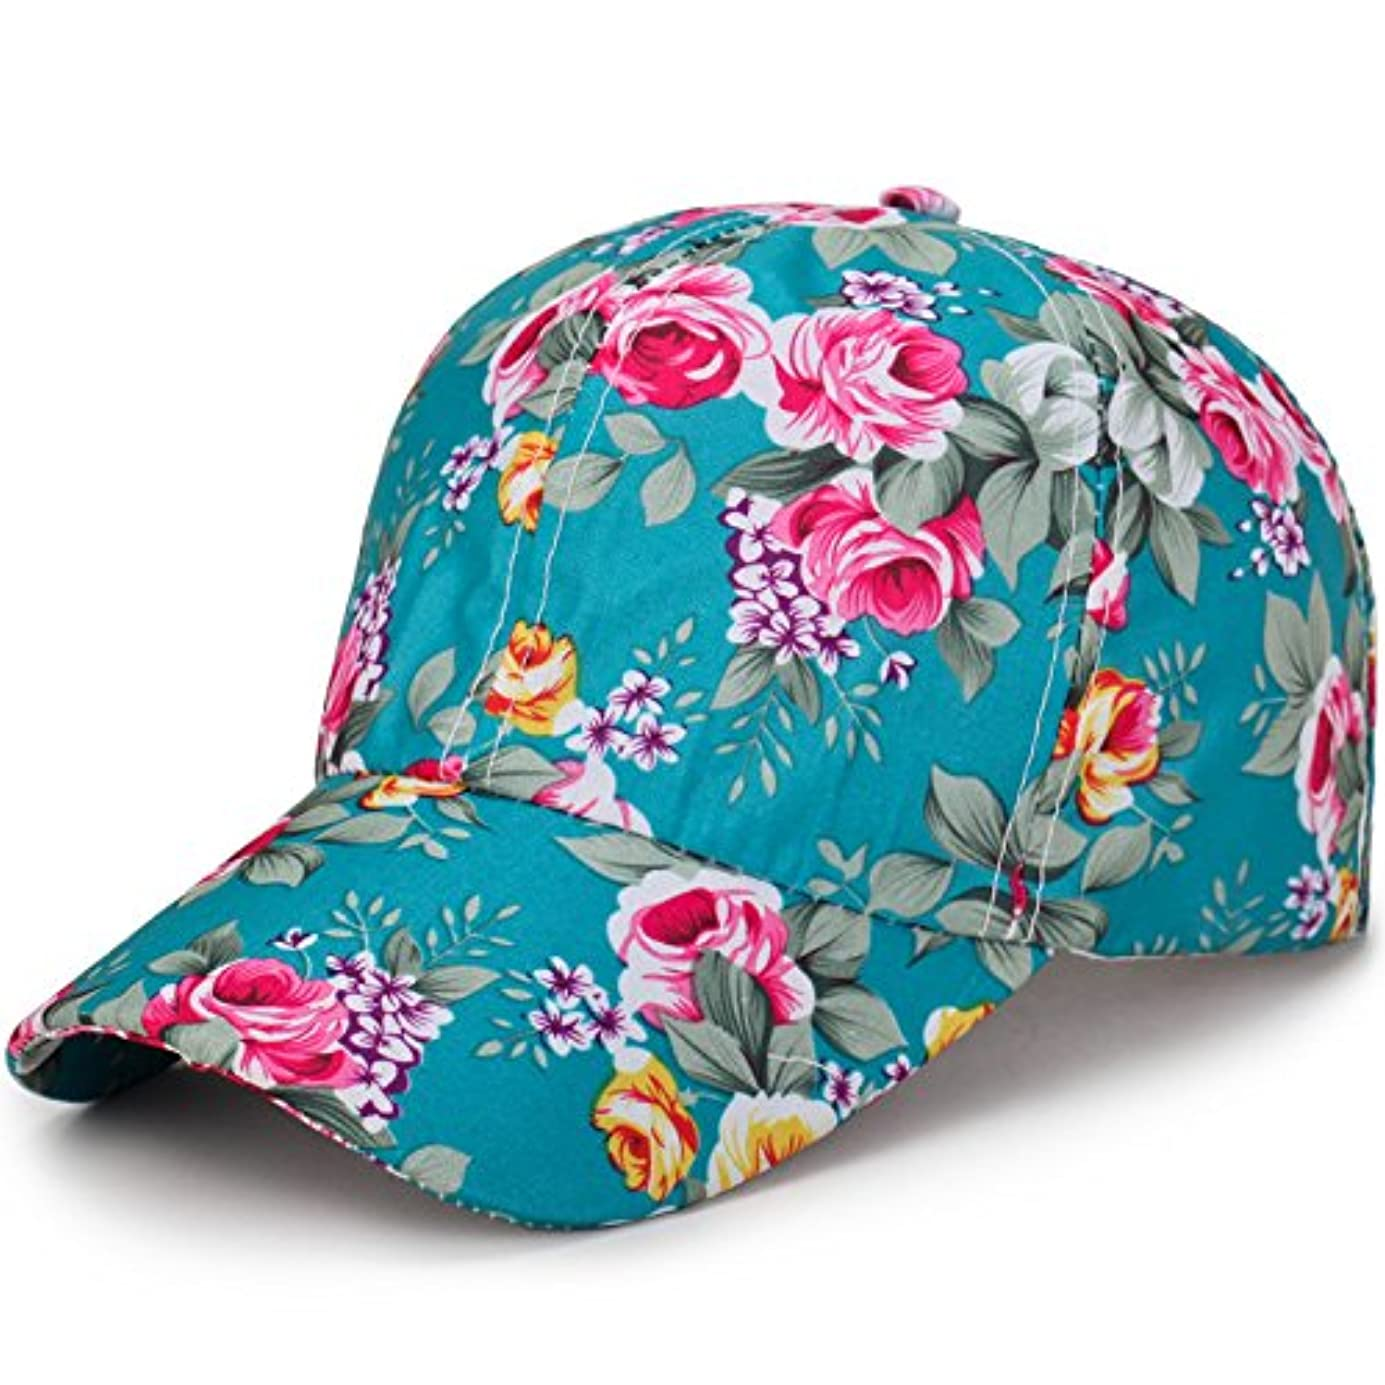 評判差し迫った霧深いAlwlj 新しい春と夏の屋外レジャーオールマッチUv野球帽